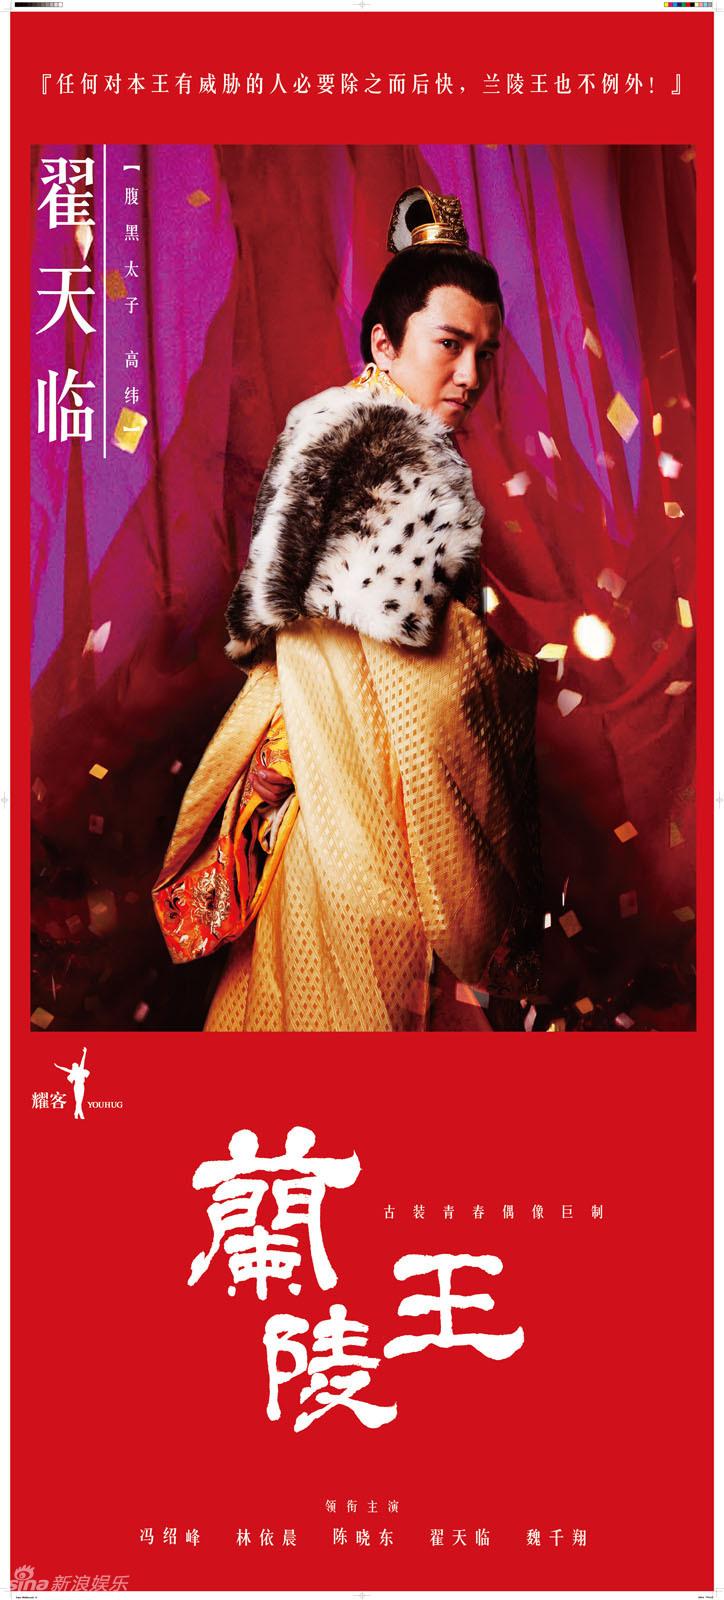 Hinh-anh-phim-Lan-lang-vuong-2012_05.jpg